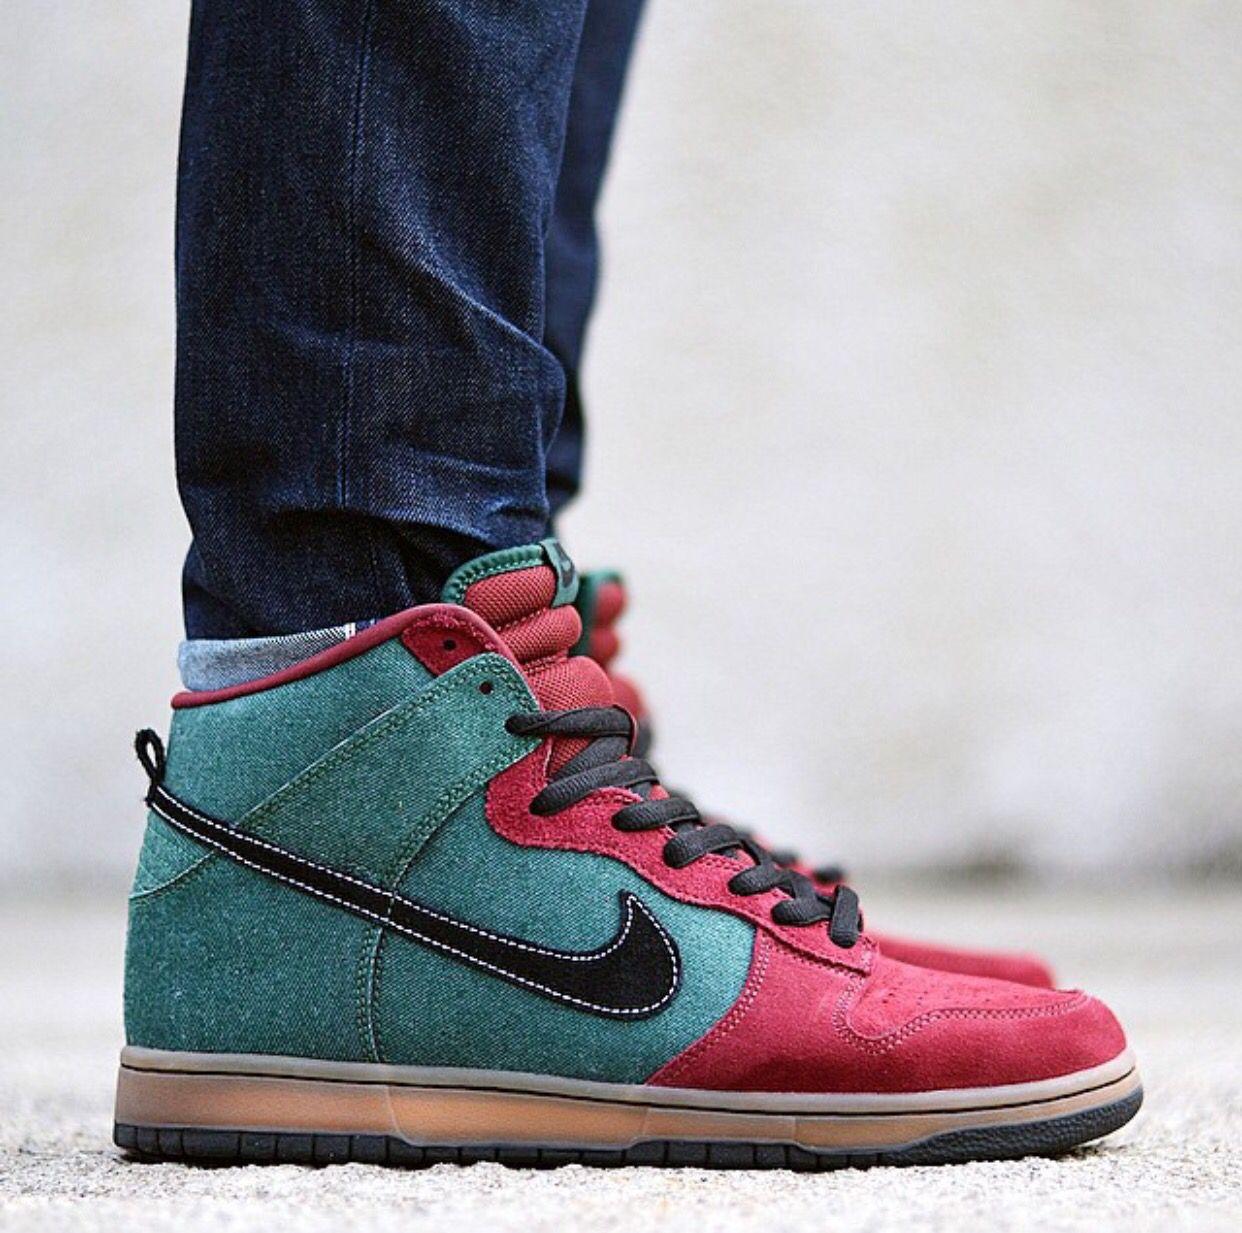 Nike Dunk High Heels | THE SUPER FRESH KIDS